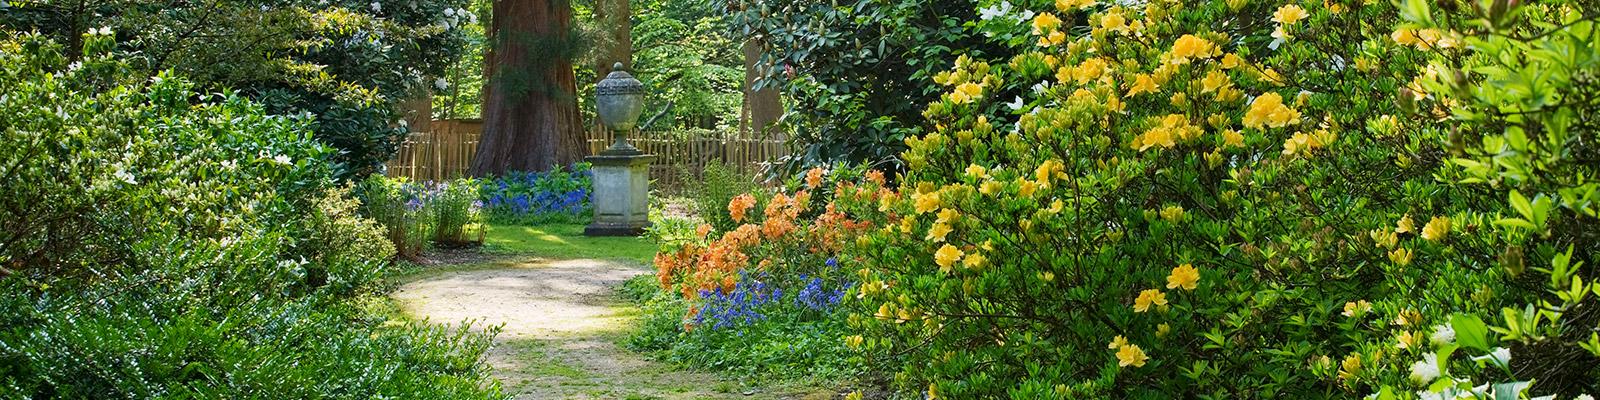 Doddington Place Gardens - Woodland Garden